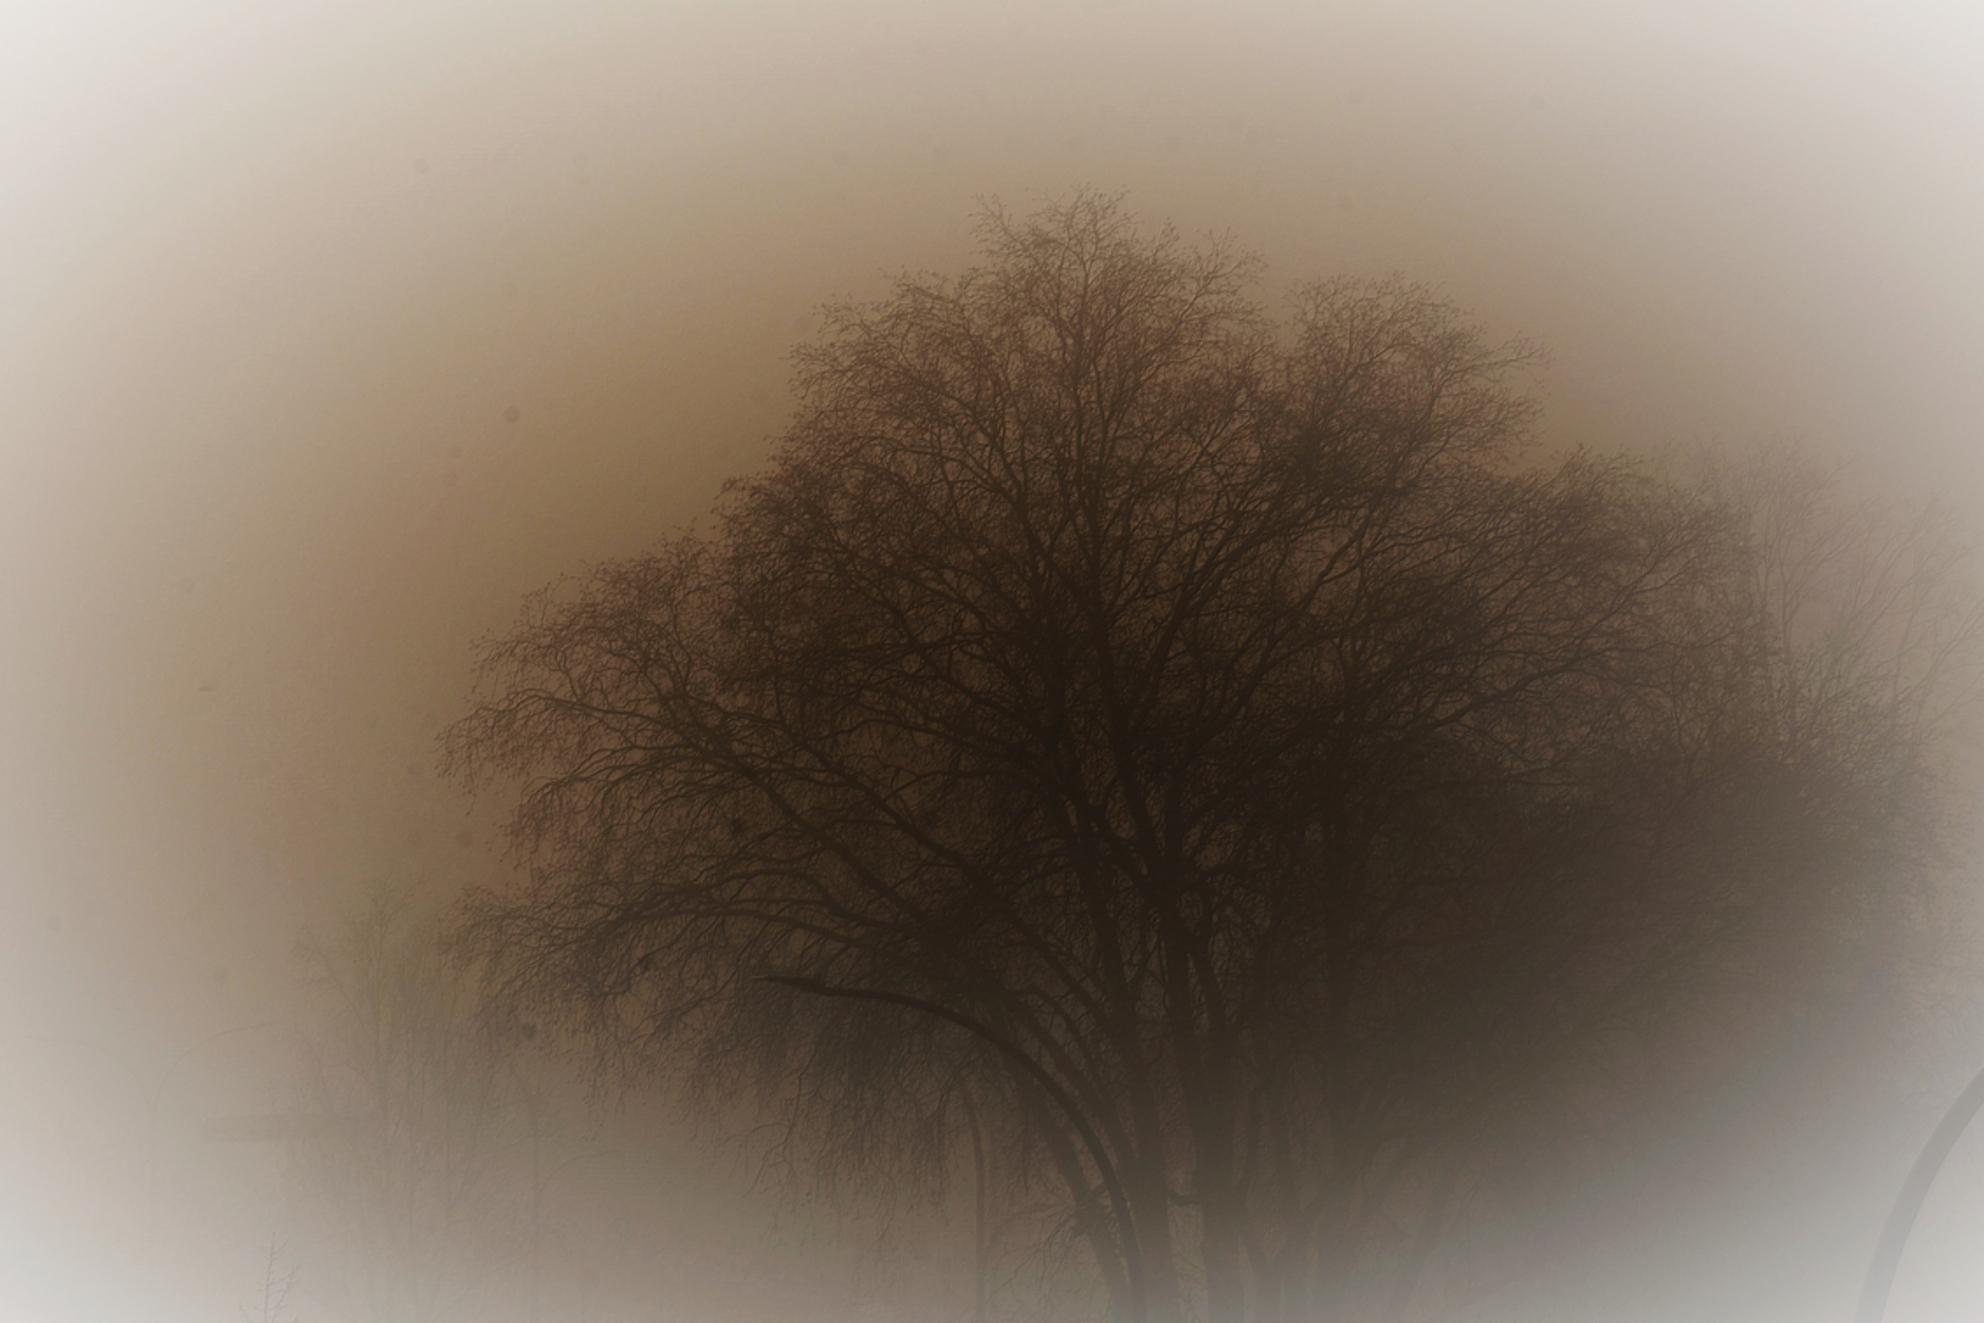 DSC_1479 Mist. - Vanmorgen geen steek te zien. - foto door edu-1 op 28-02-2021 - deze foto bevat: mist